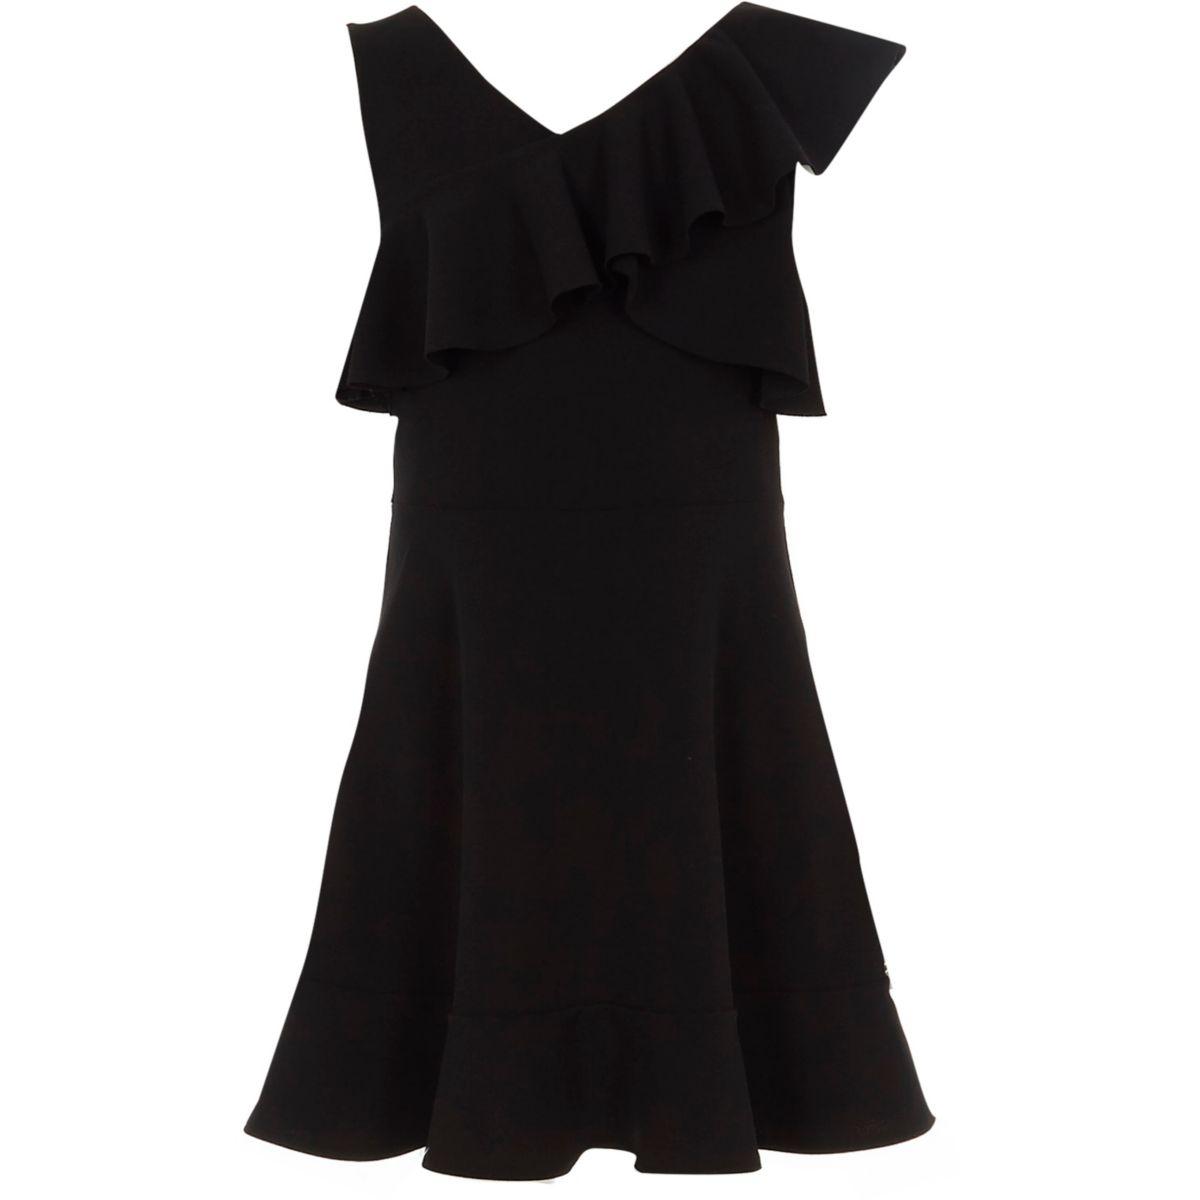 Girls black one shoulder frill skater dress